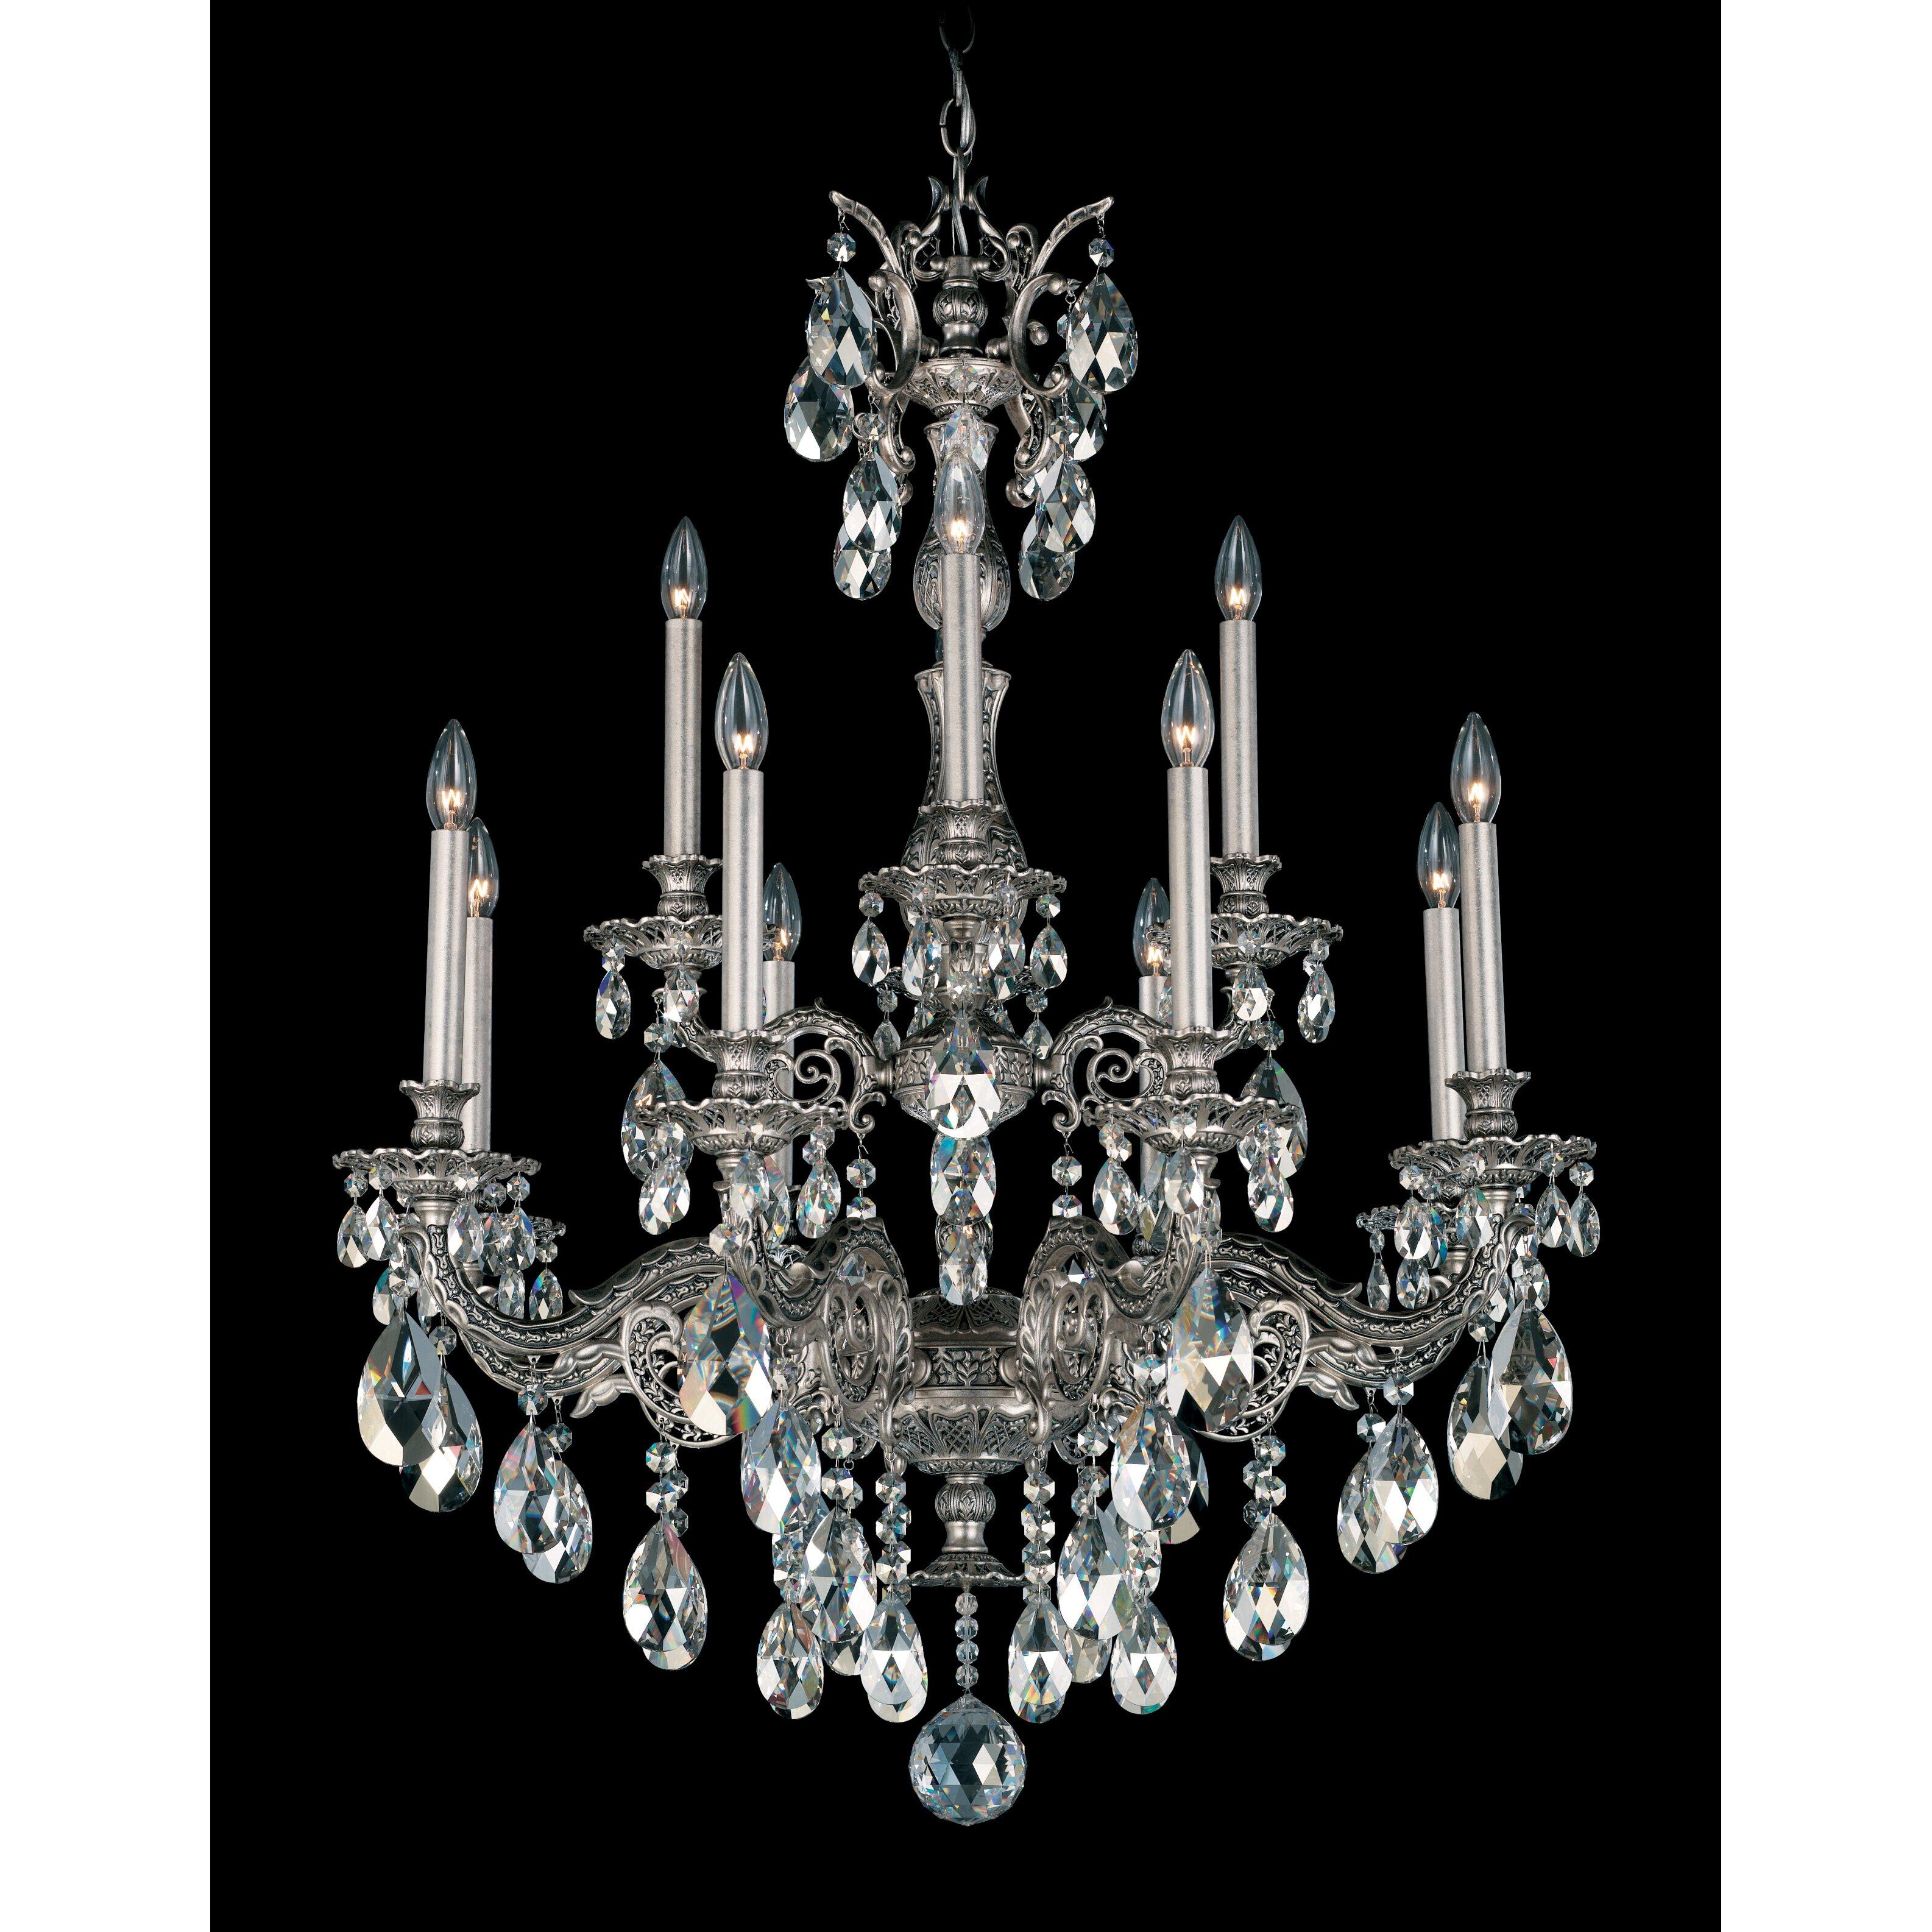 Schonbek Chandelier Replacement Crystals: Schonbek Milano 12-Light Crystal Chandelier